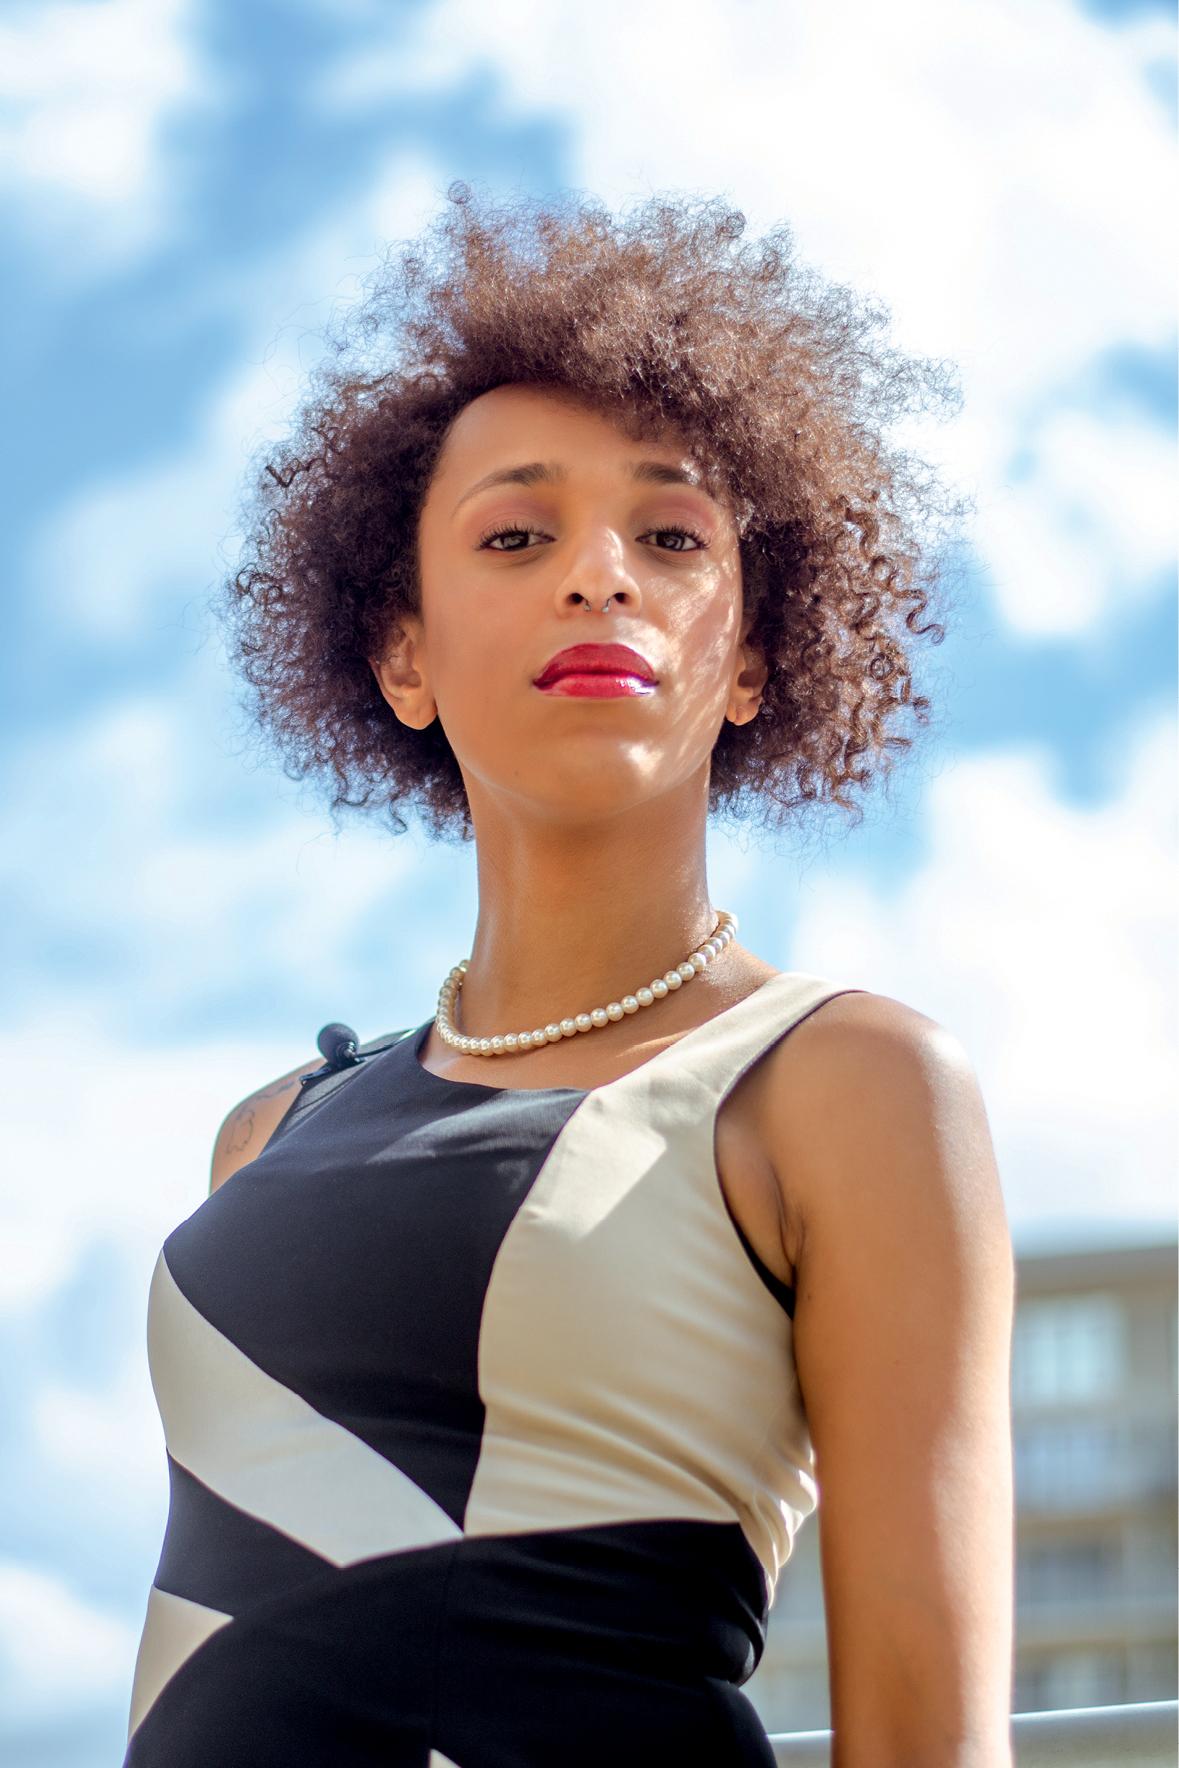 Érika é uma mulher negra de cabelos cacheados curtos. Ela usa uma blusa preta e branca e um colar. Usando batom vermelho, olha para a câmera sem sorrir.